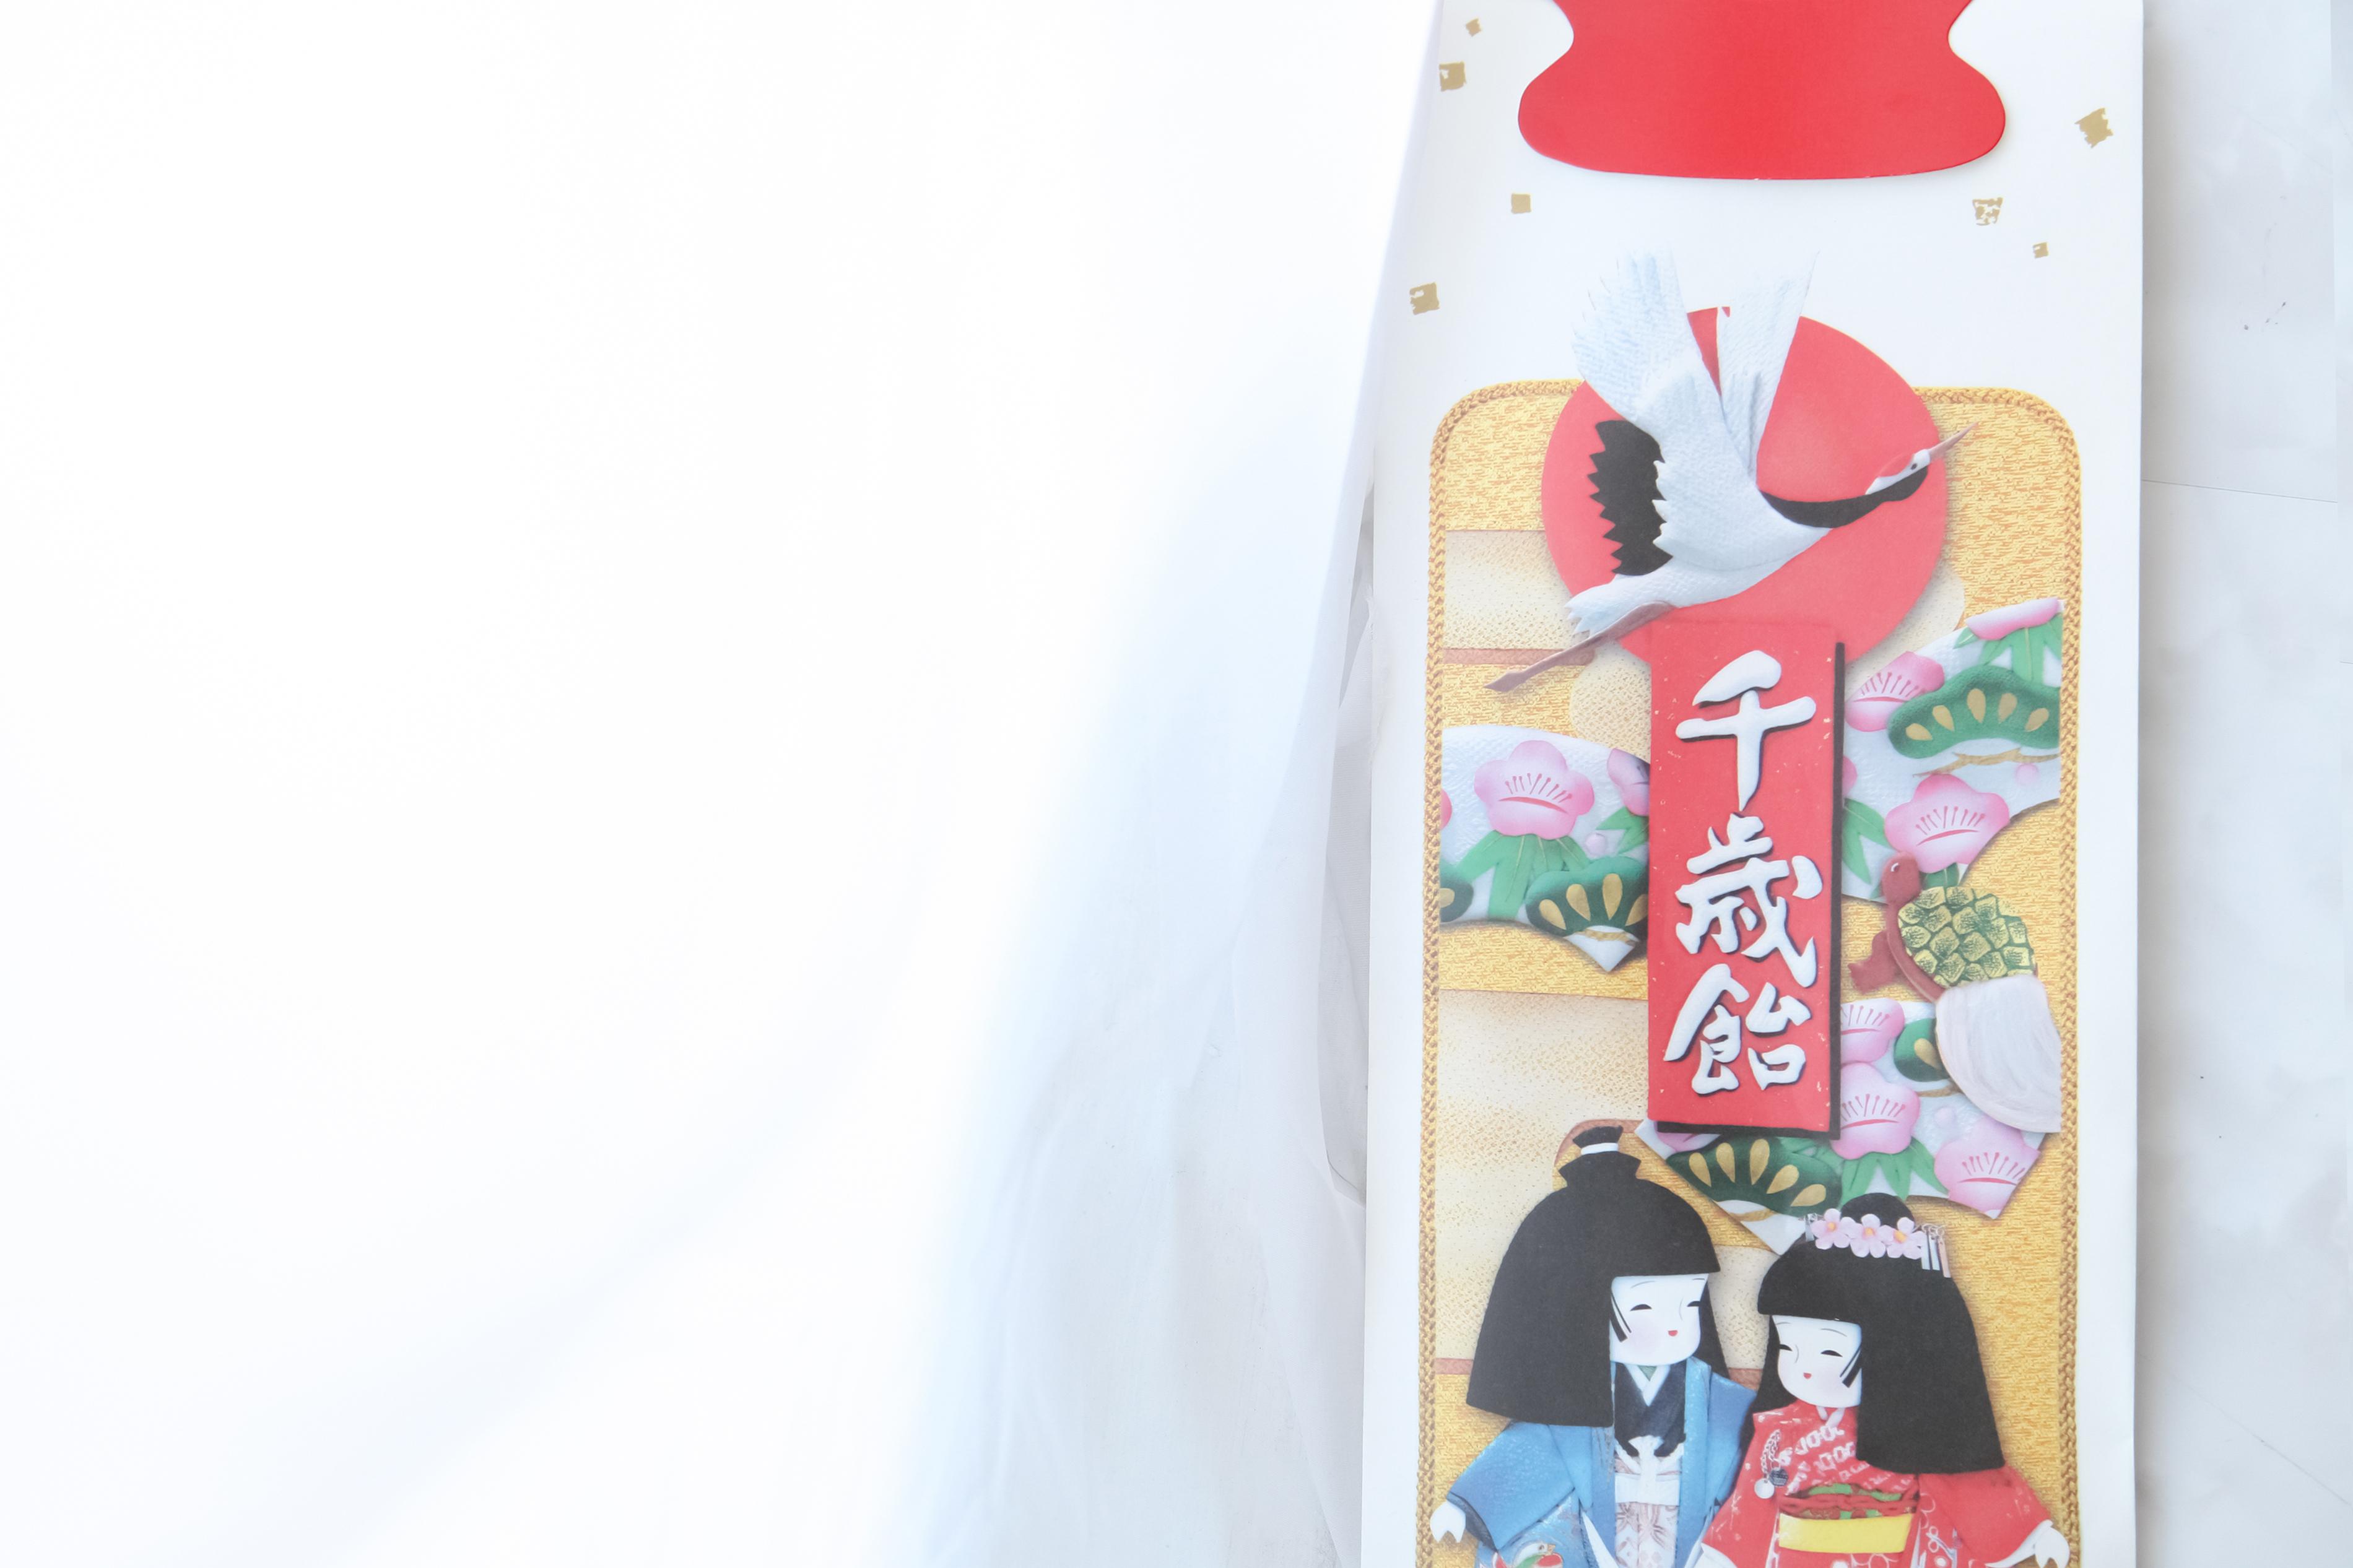 七五三のお参りに欠かせない千歳飴のこと 津田沼にあるスタジオクオンの七五三プチ情報☺️